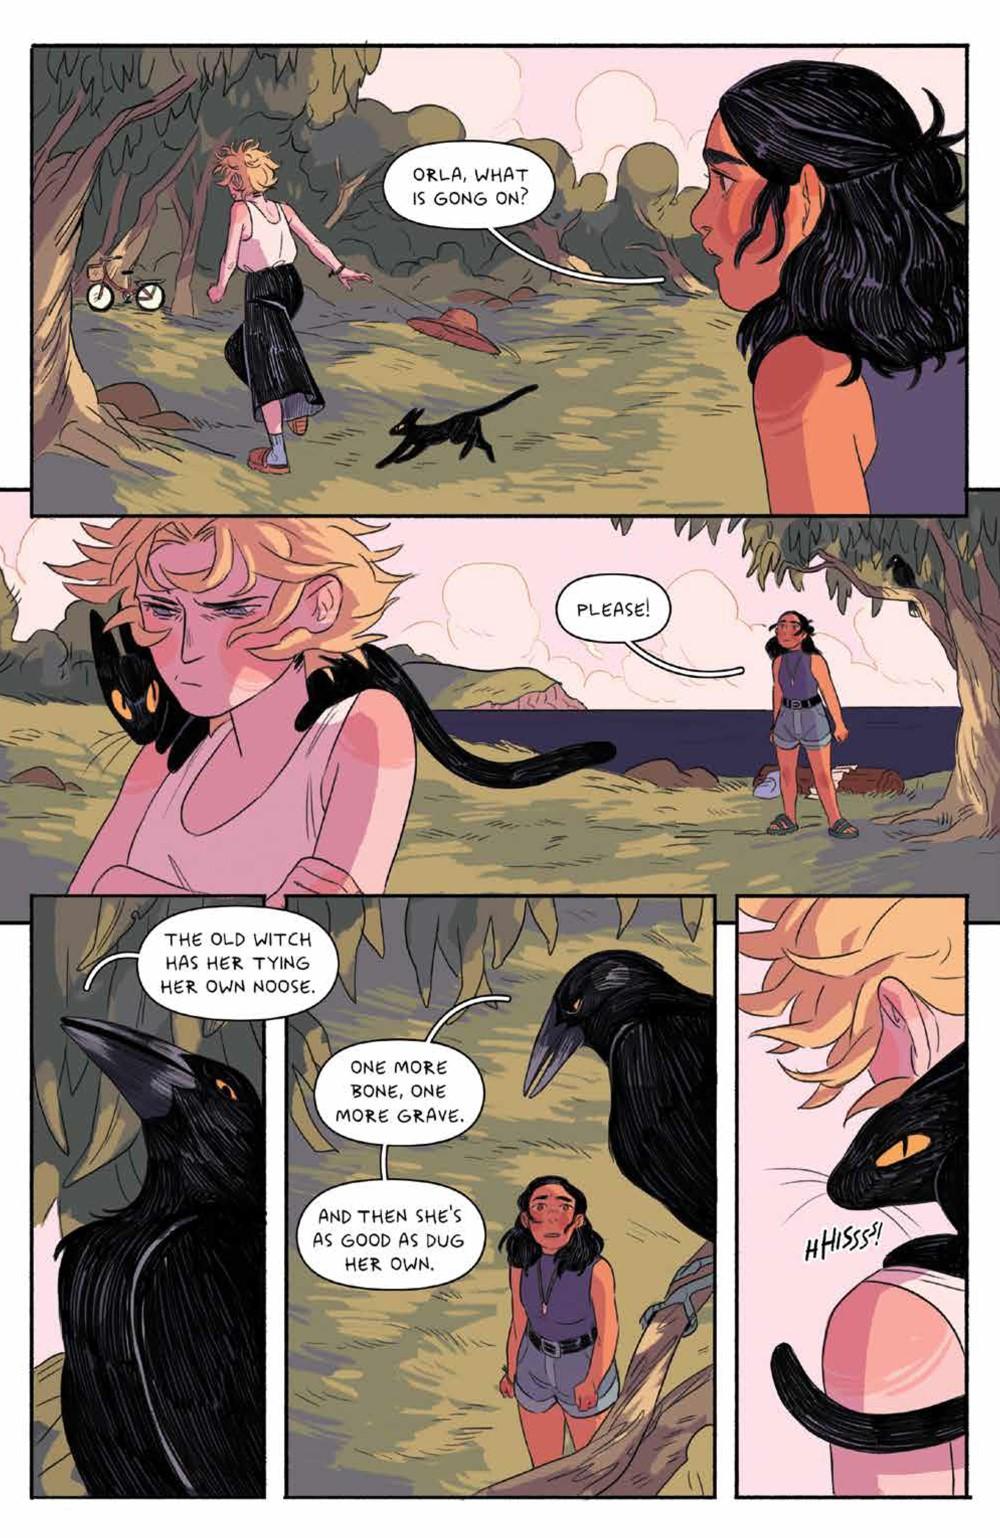 Mamo_004_PRESS_6 ComicList Previews: MAMO #4 (OF 5)